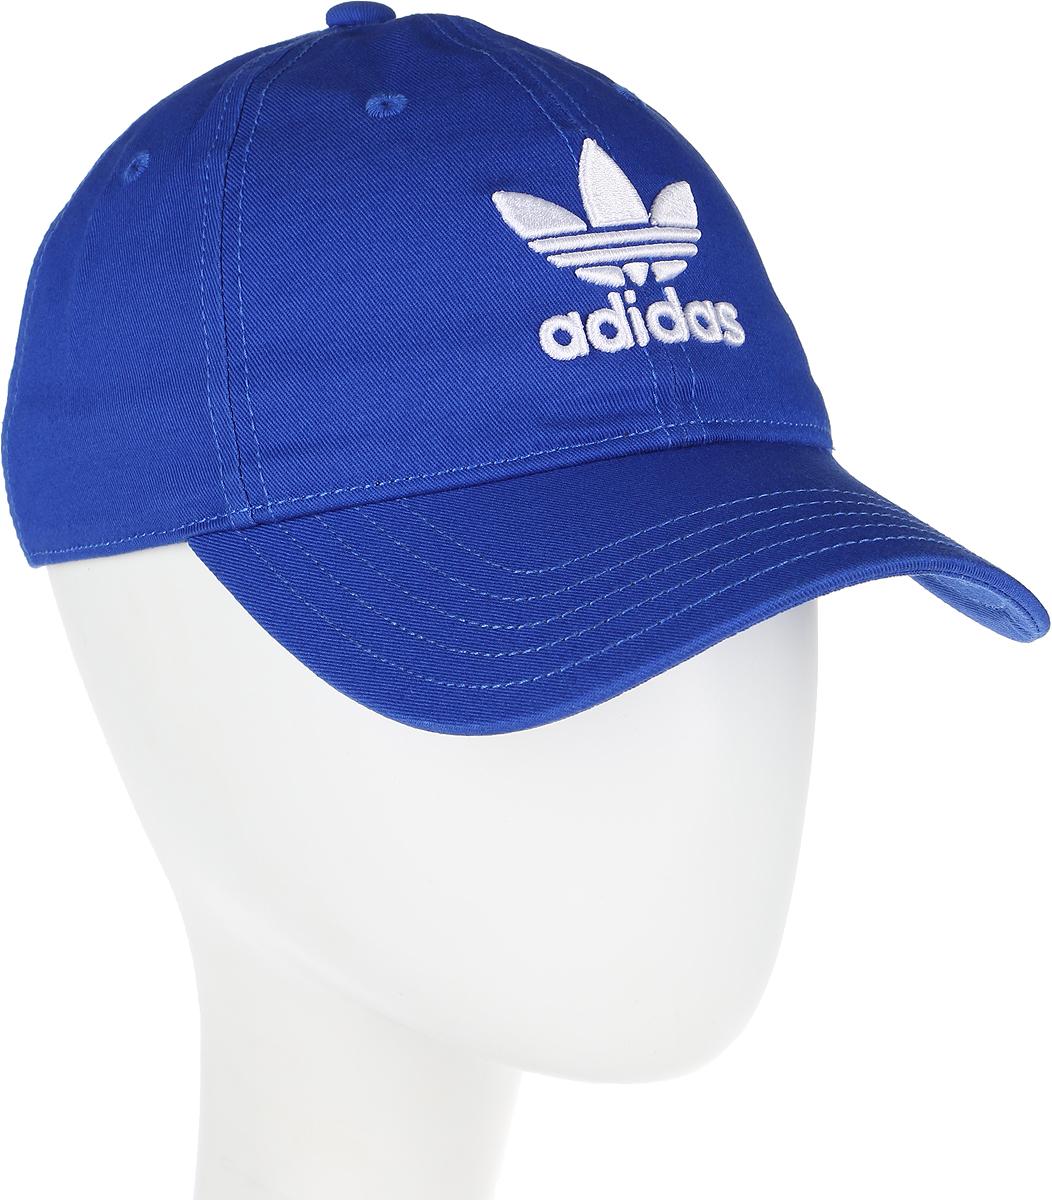 Бейсболка adidas Trefoil Cap, цвет: голубой. BK7271. Размер 60/62BK7271Бейсболка adidas Trefoil Cap выполнена из полиэстера и хлопка. Модель с изогнутым козырьком оформлена логотипом бренда.